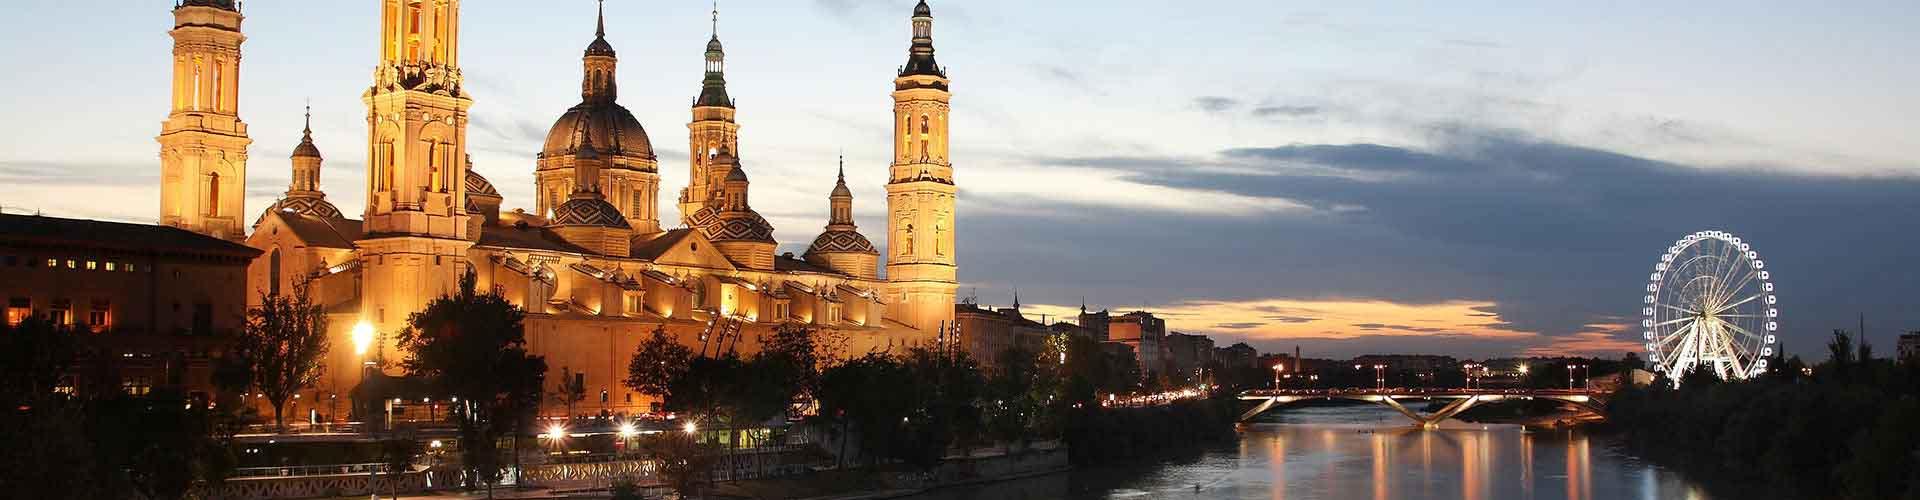 Zaragoza - Auberges de jeunesse dans le quartier de Parque Roma. Cartes pour Zaragoza, photos et commentaires pour chaque auberge de jeunesse à Zaragoza.